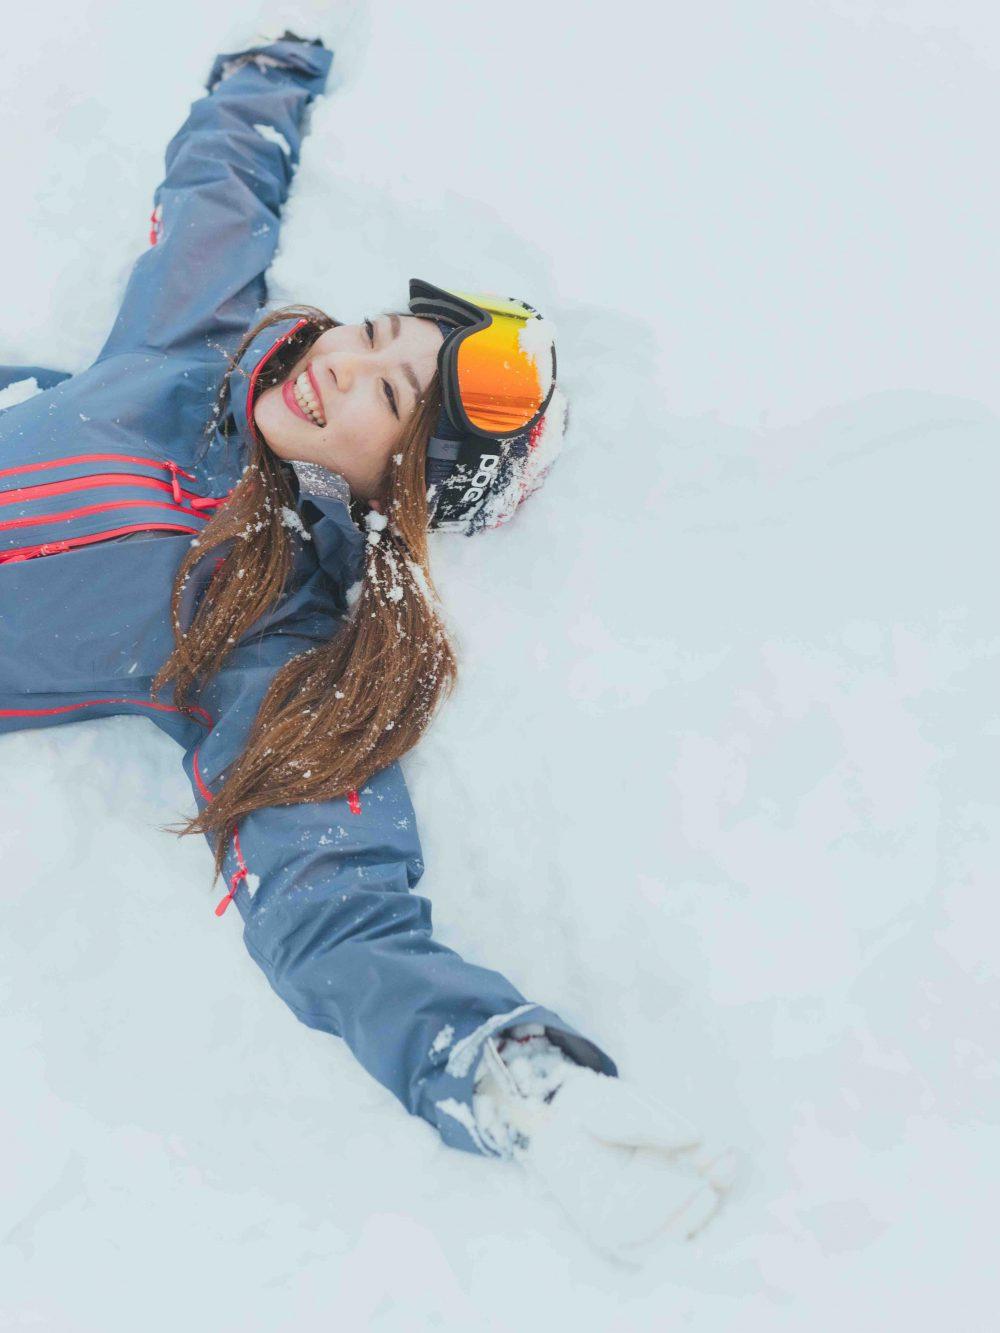 雪 ゲレンデ スキー場 スキー スノボ スノージェニック かわいい写真 インスタ映え カメラ CanCam it girl